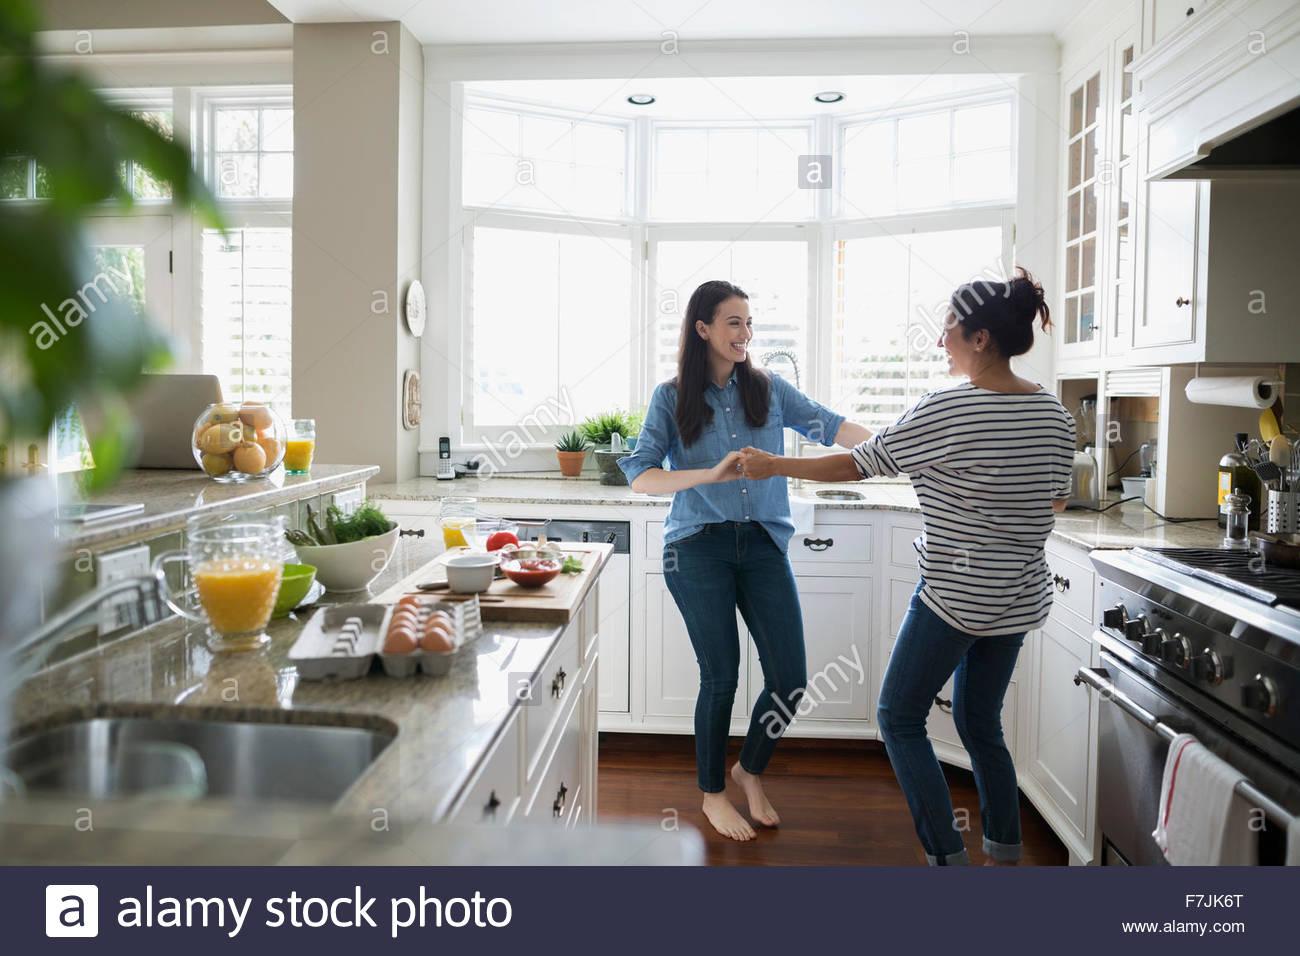 Mutter und Tochter tanzen in Küche Stockfoto, Bild: 90764656 - Alamy